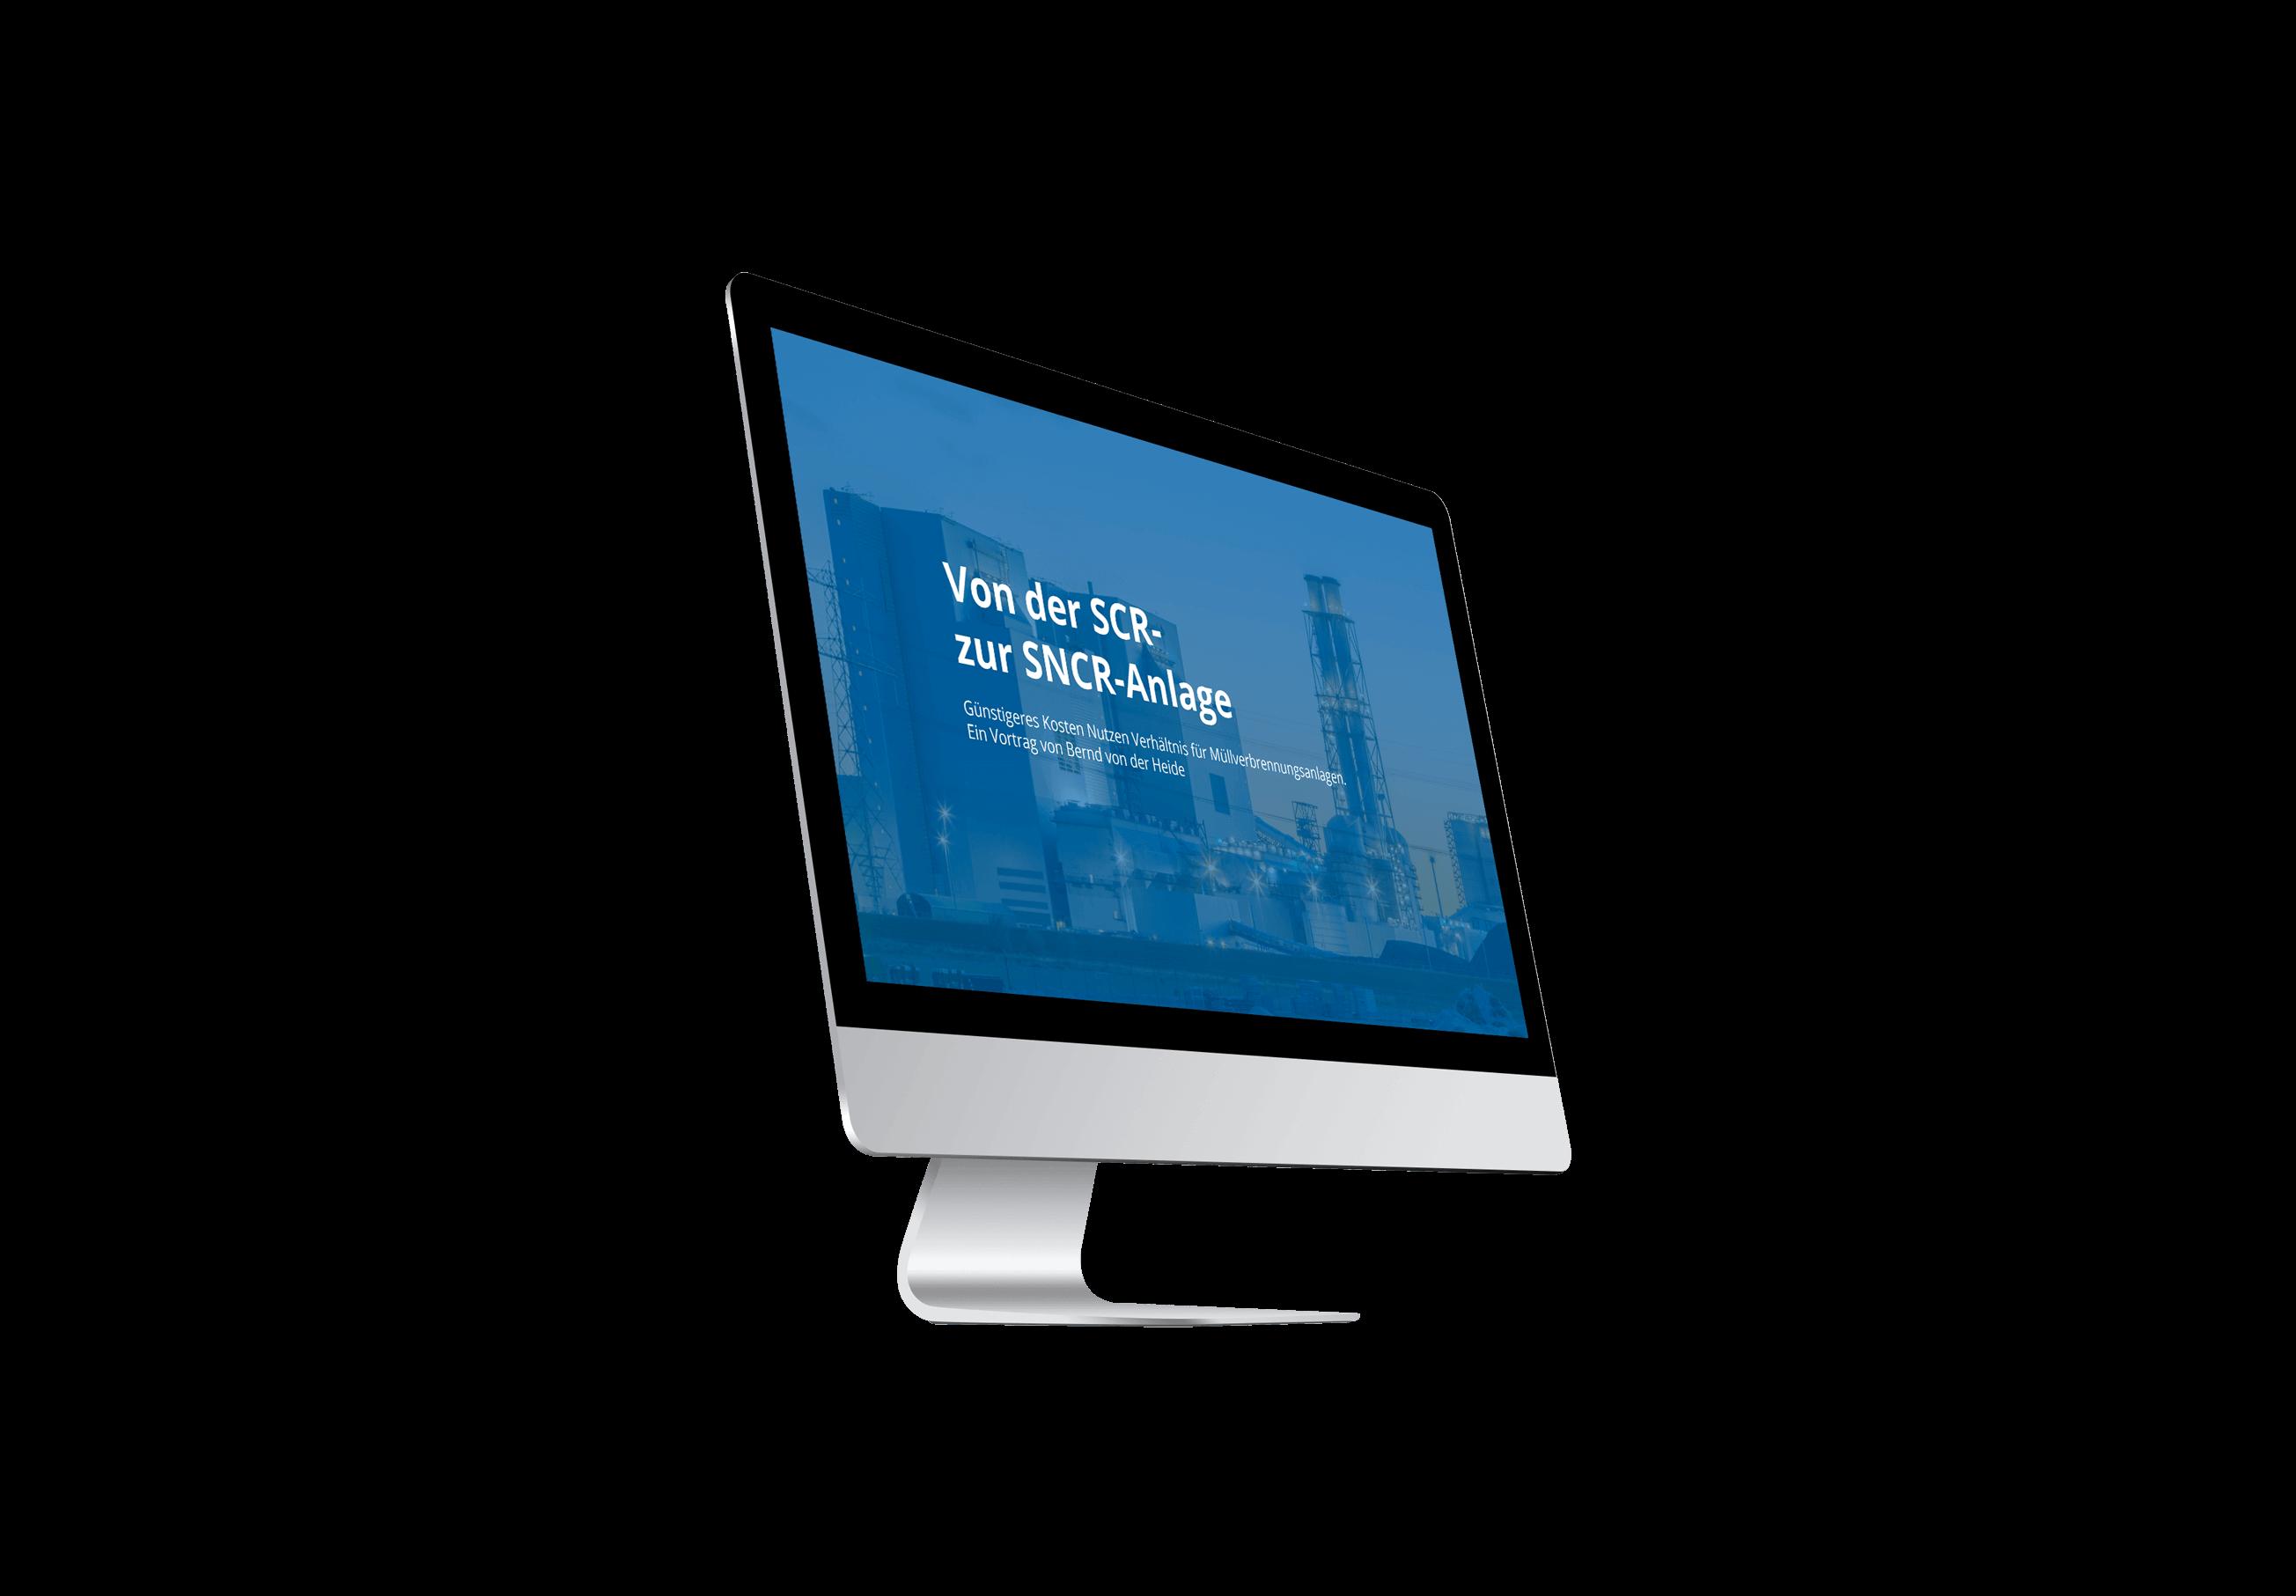 Mehldau Und Steinfath Home Vorträge Downloads iMac mit Vortrag